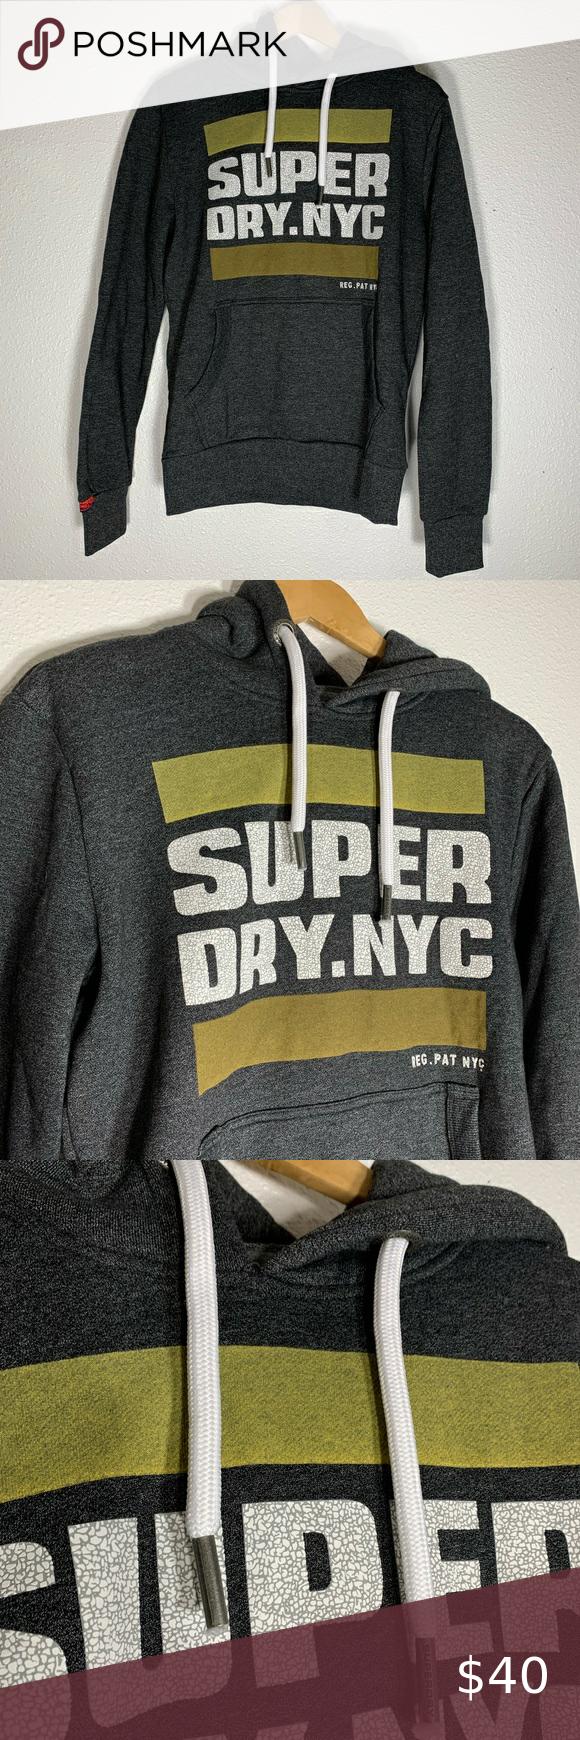 Superdry S Hooded Pullover Sweatshirt Black Grit Black Sweatshirts Hooded Pullover Pullover Sweatshirt Hoodie [ 1740 x 580 Pixel ]